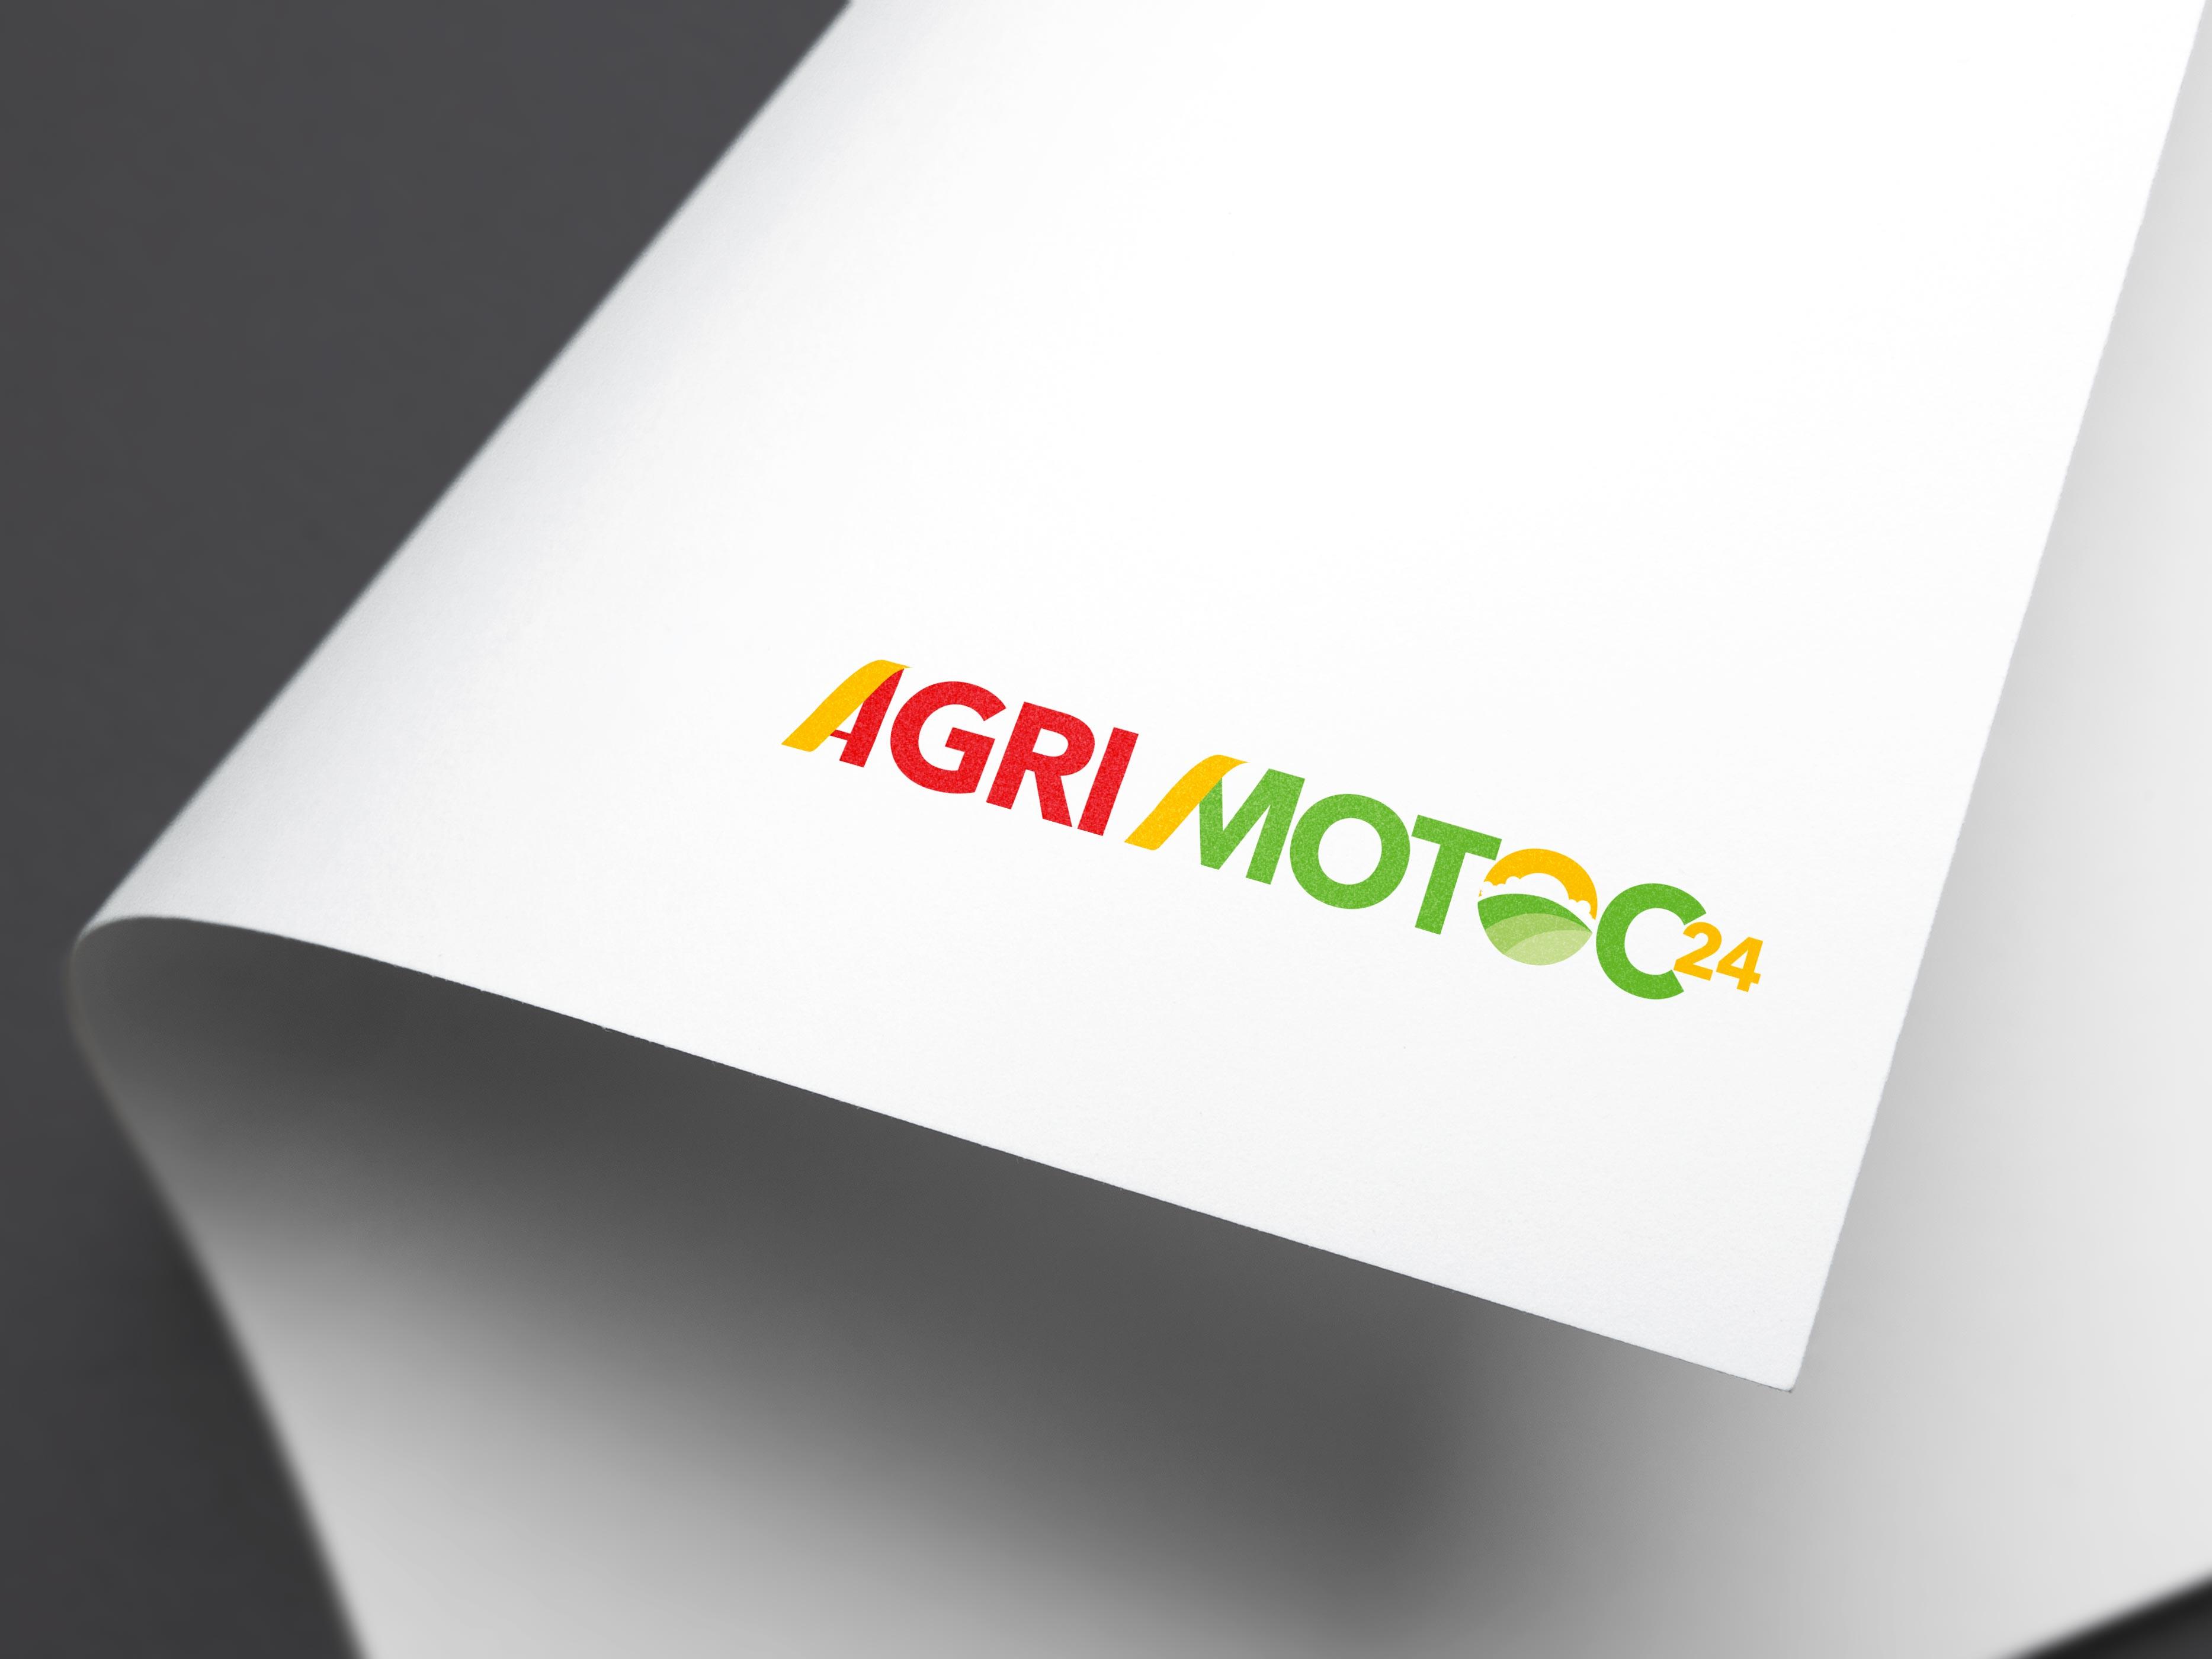 Création logo Agrimotoc 24 - Adékoi communication Périgueux